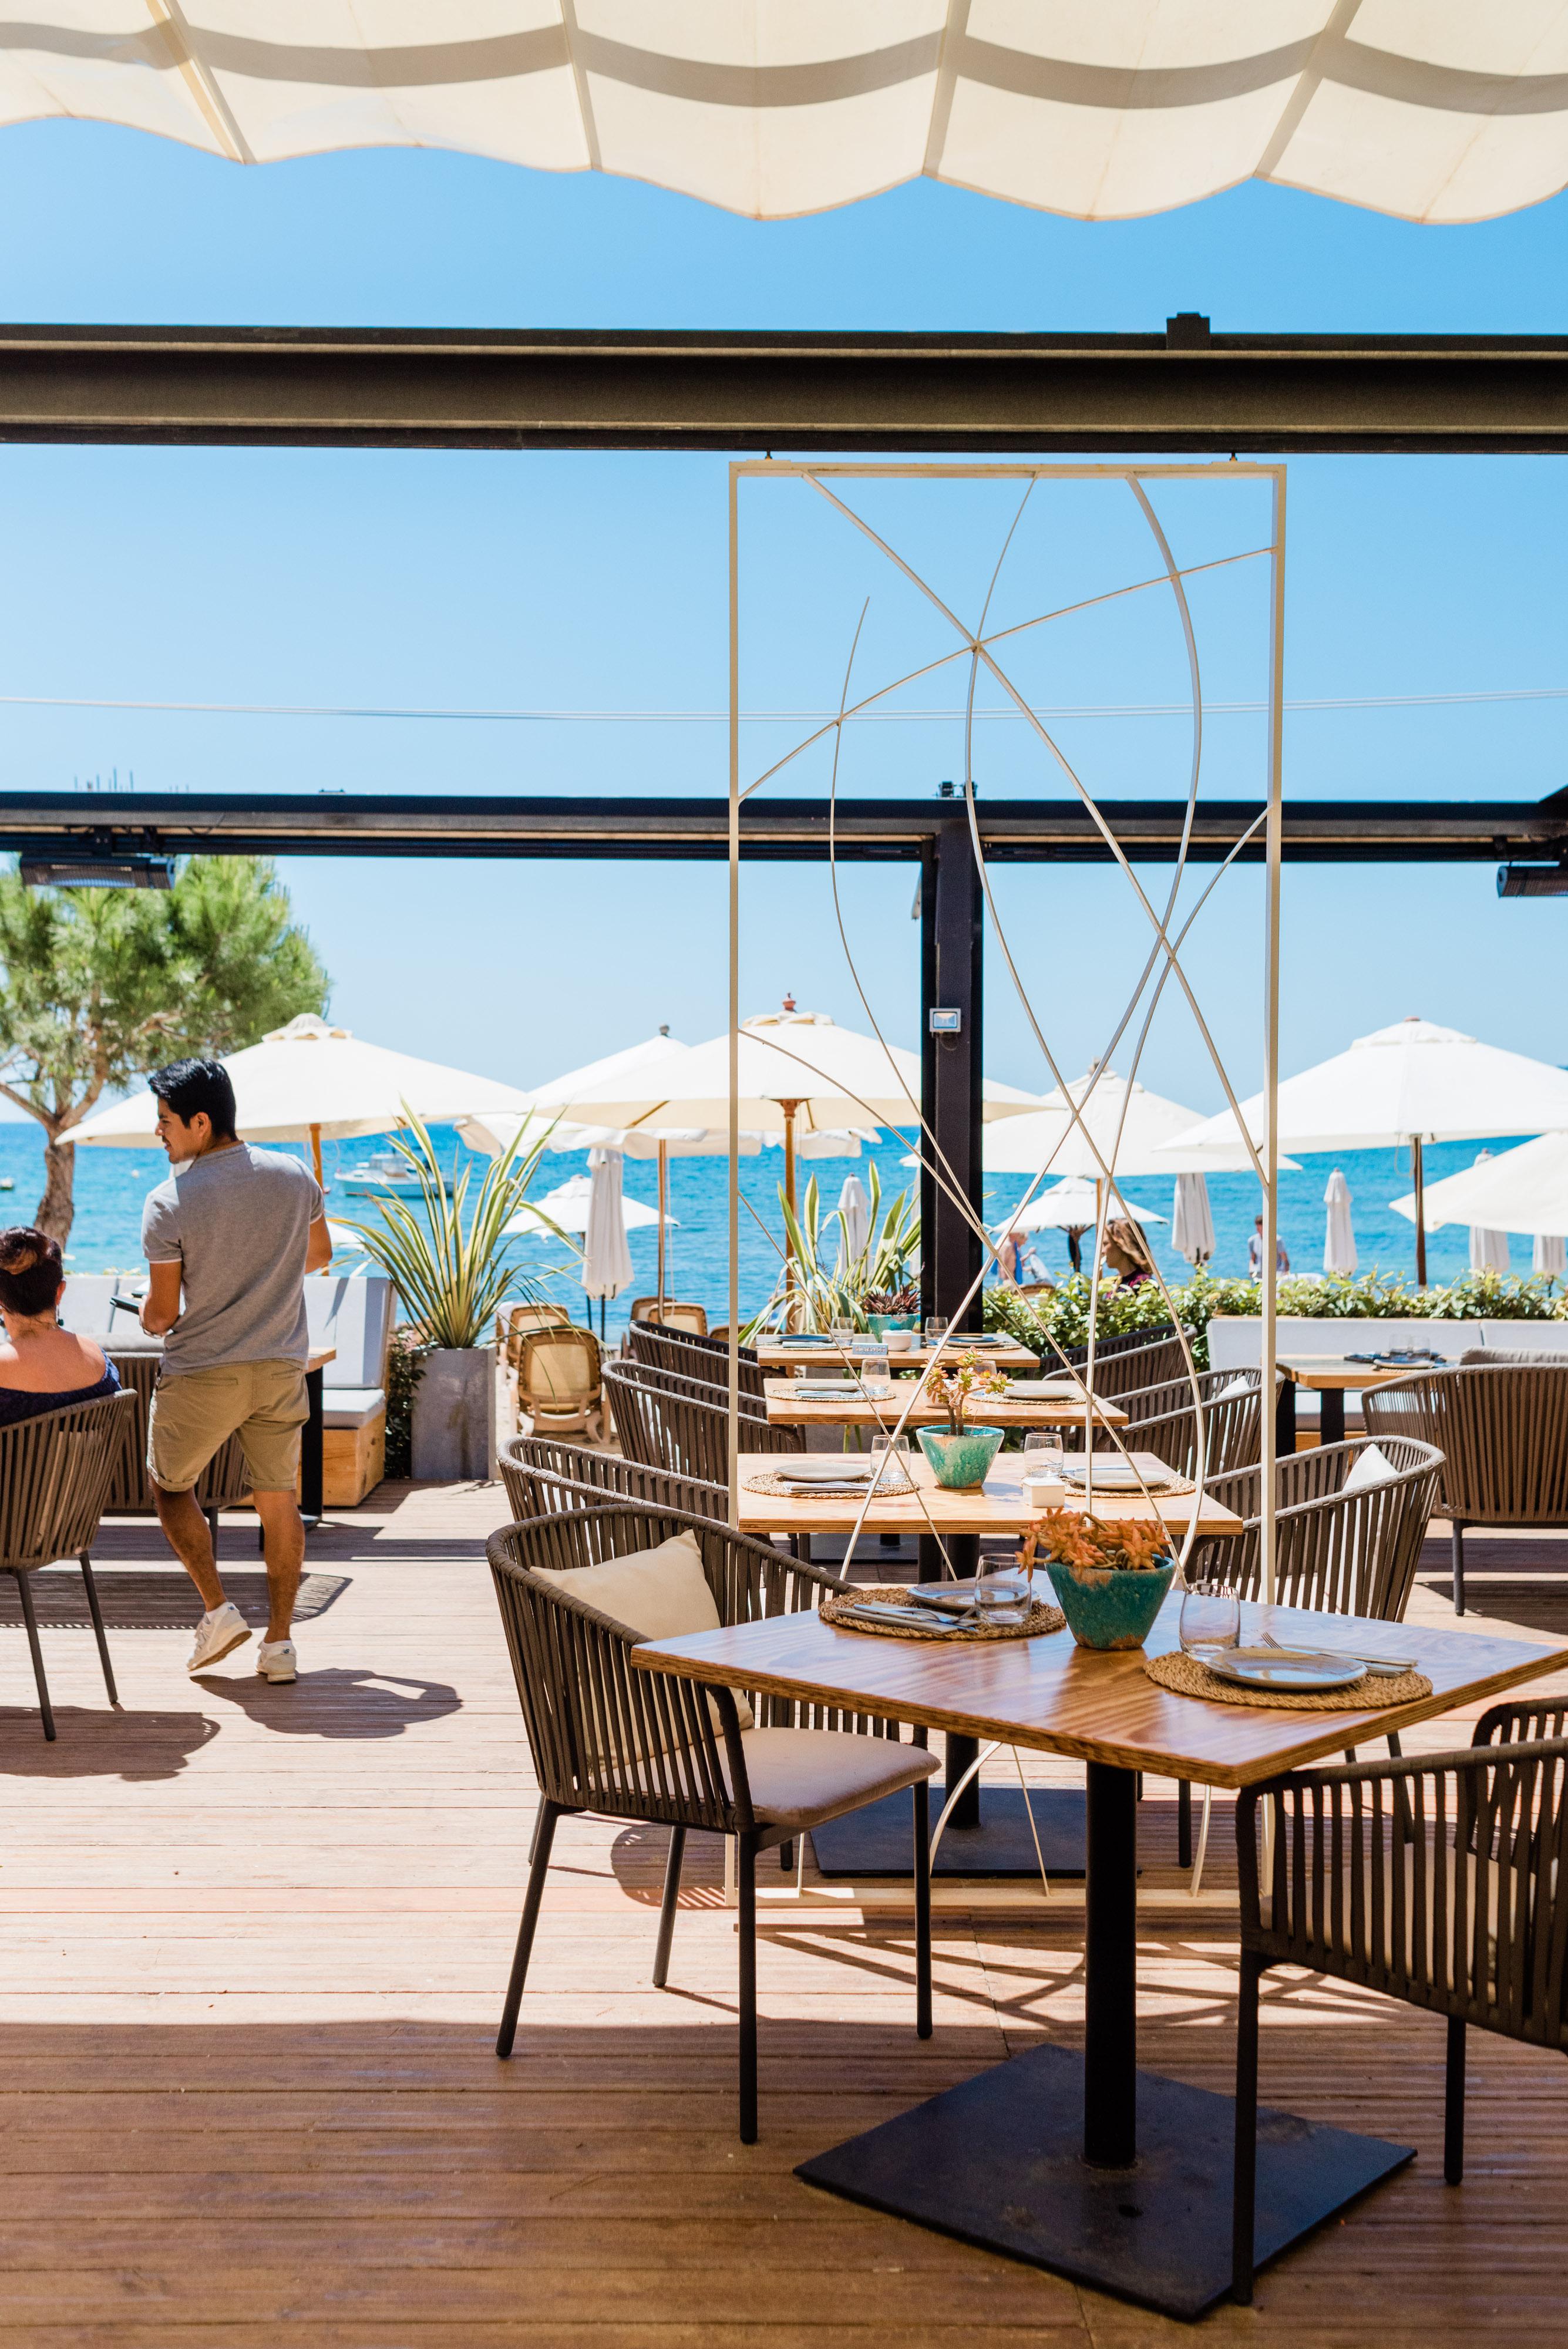 Pura Vida Beach Restaurant Playa Niu Blau